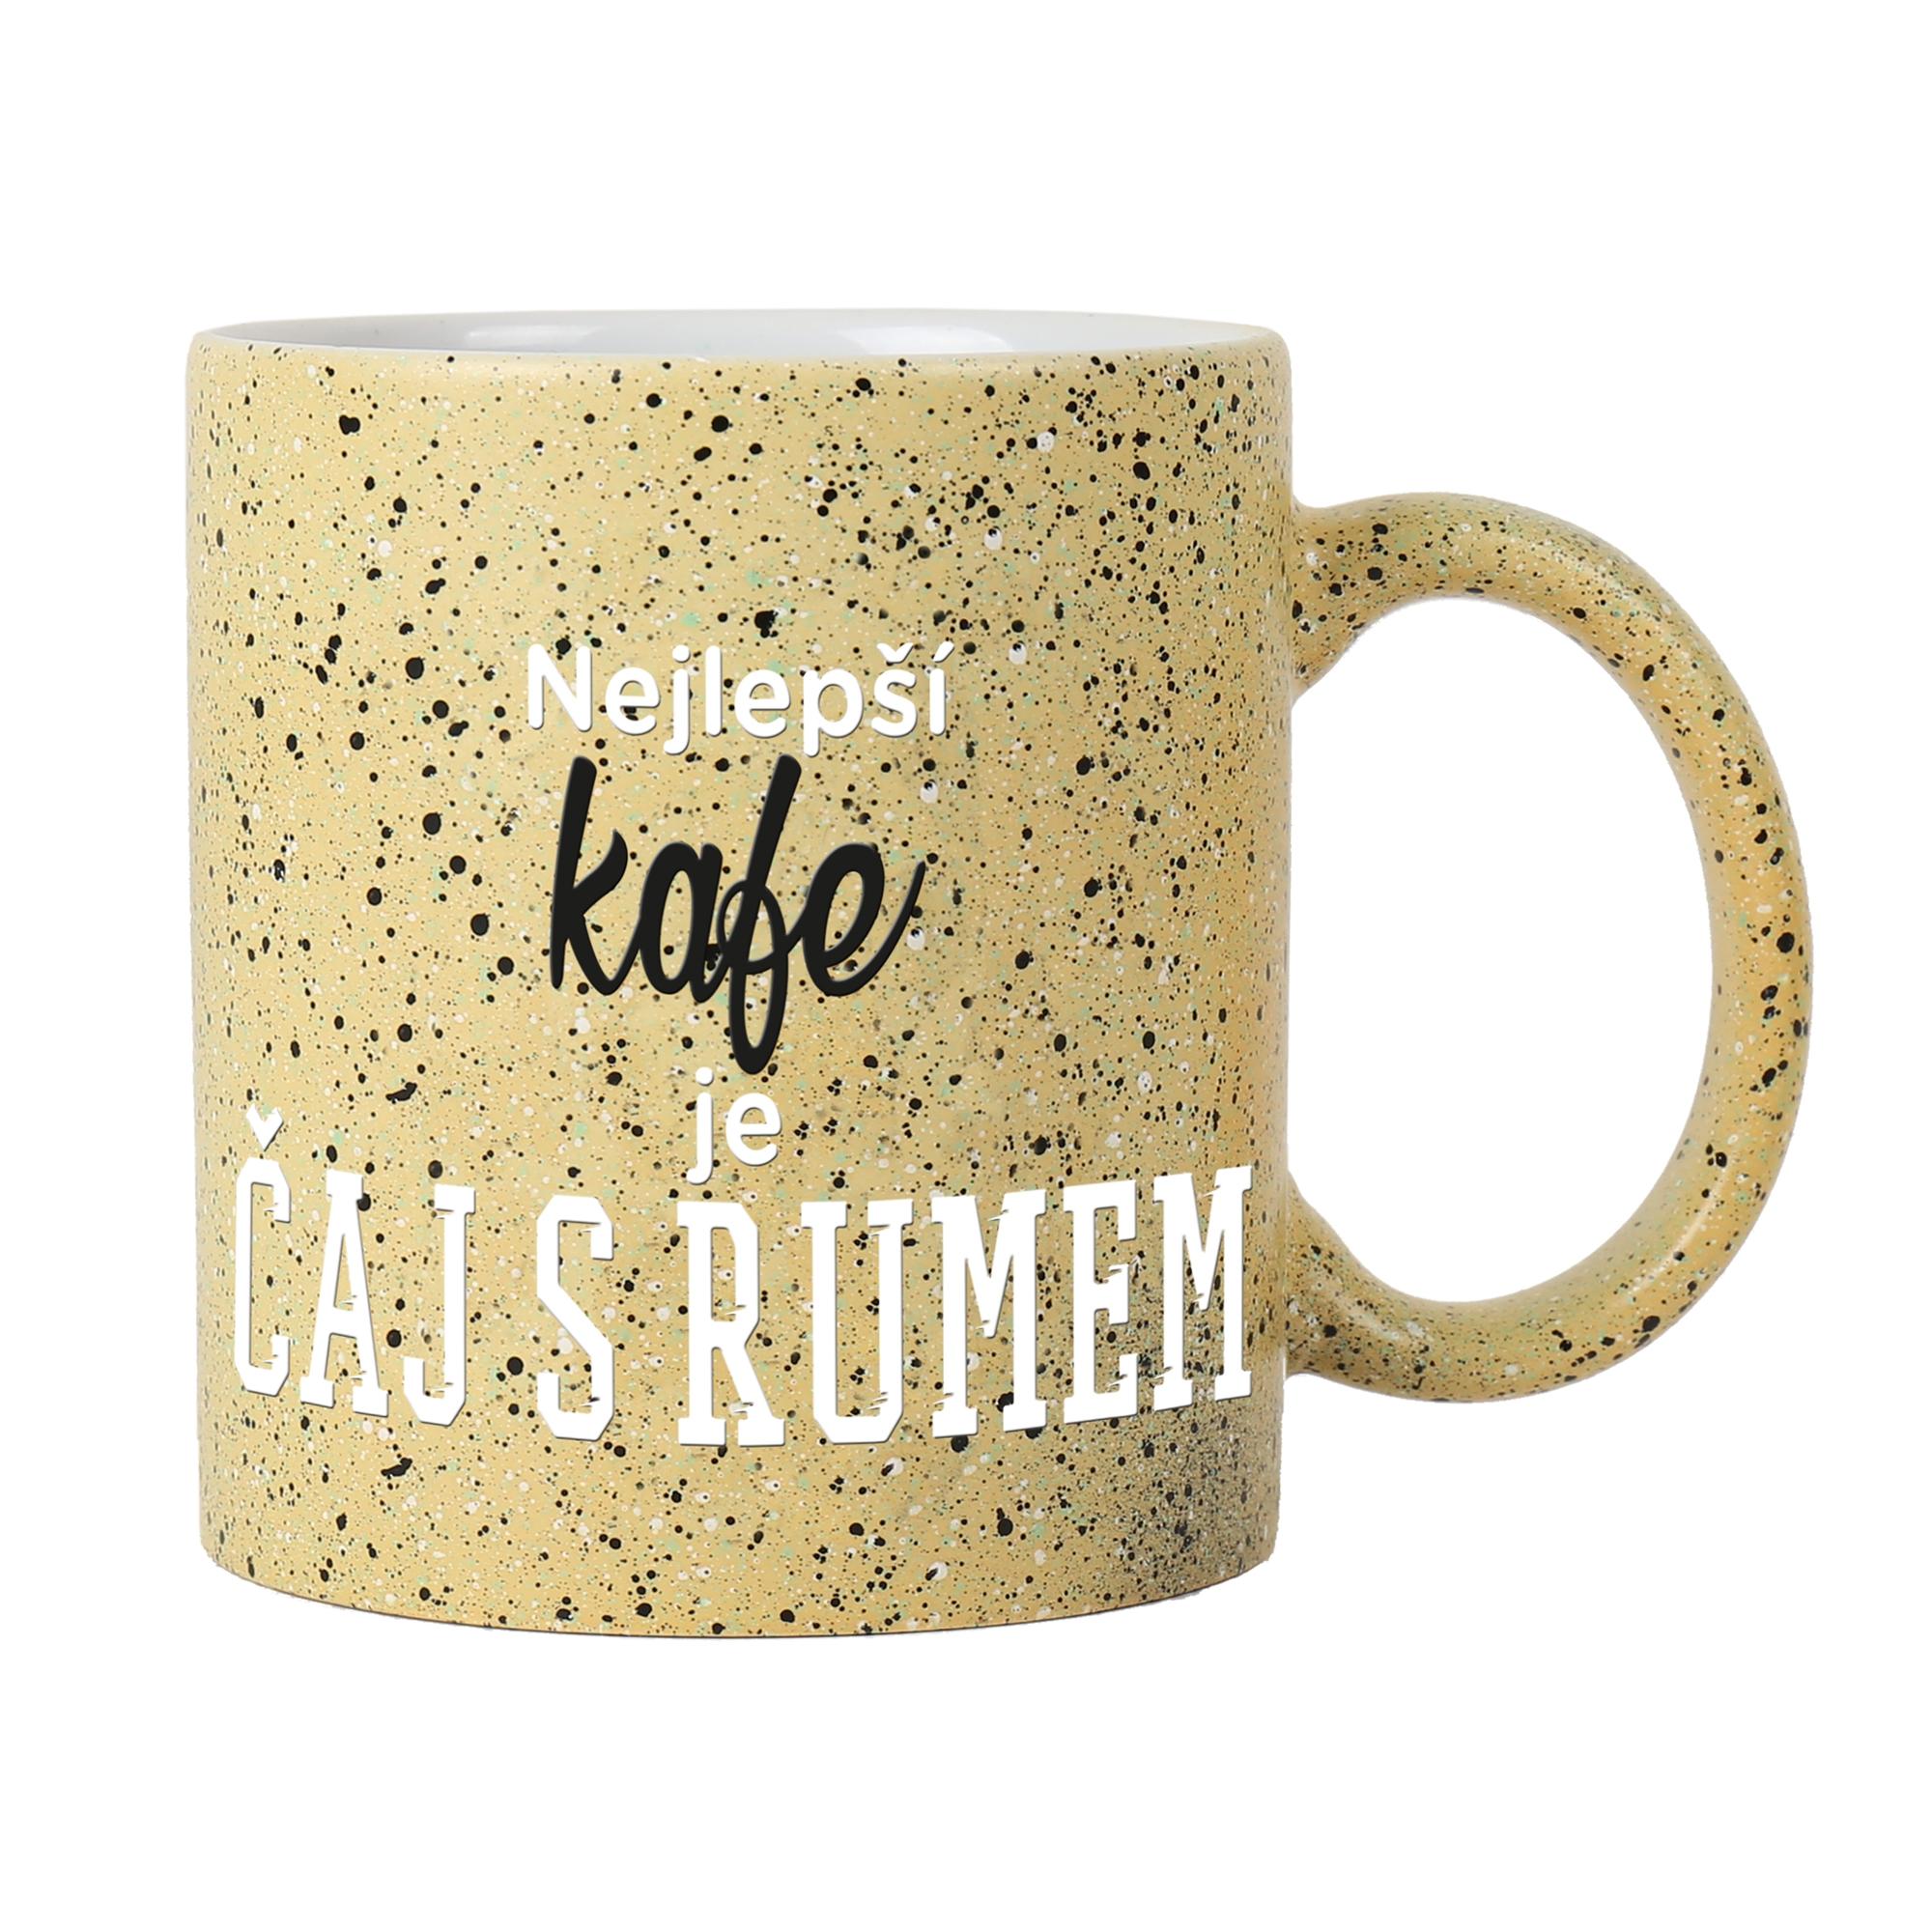 Nejlepší kafe